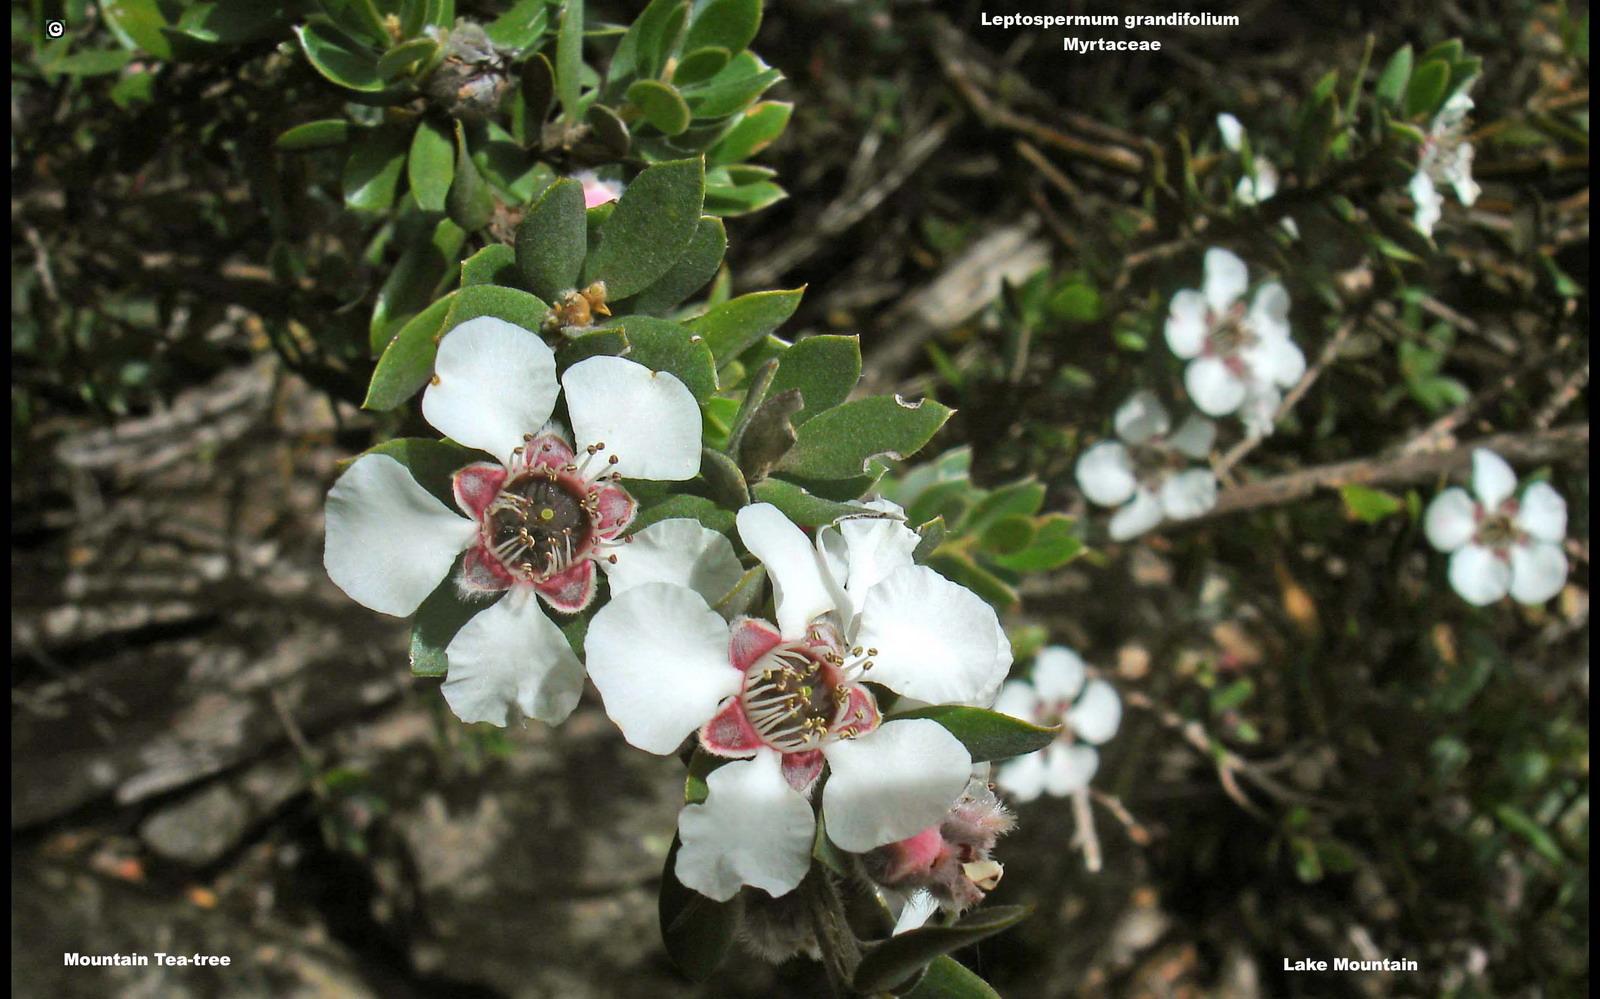 Leptospermum grandifolium flora ALA source